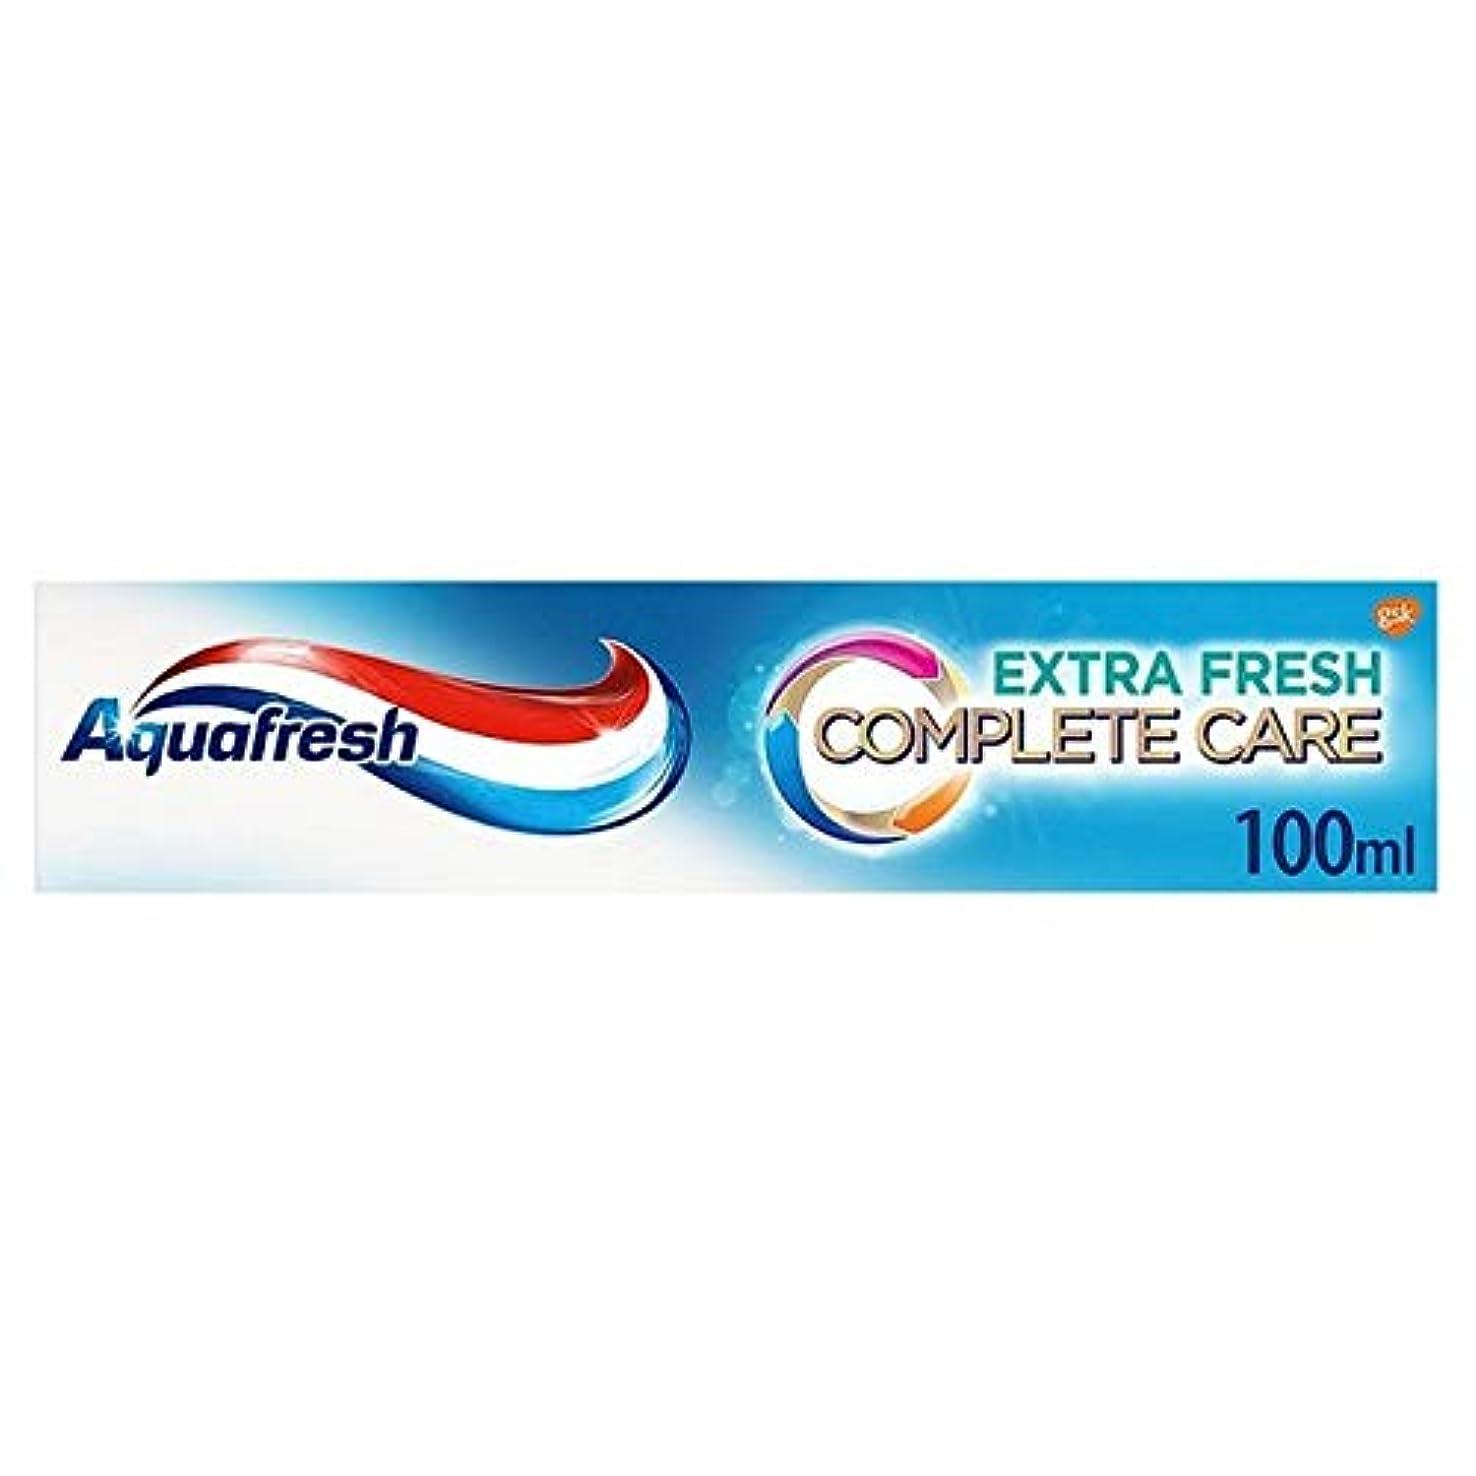 紳士文句を言う軍団[Aquafresh ] アクアフレッシュ完全なケアの余分な新鮮な歯磨き粉の100ミリリットル - Aquafresh Complete Care Extra Fresh Toothpaste 100ml [並行輸入品]